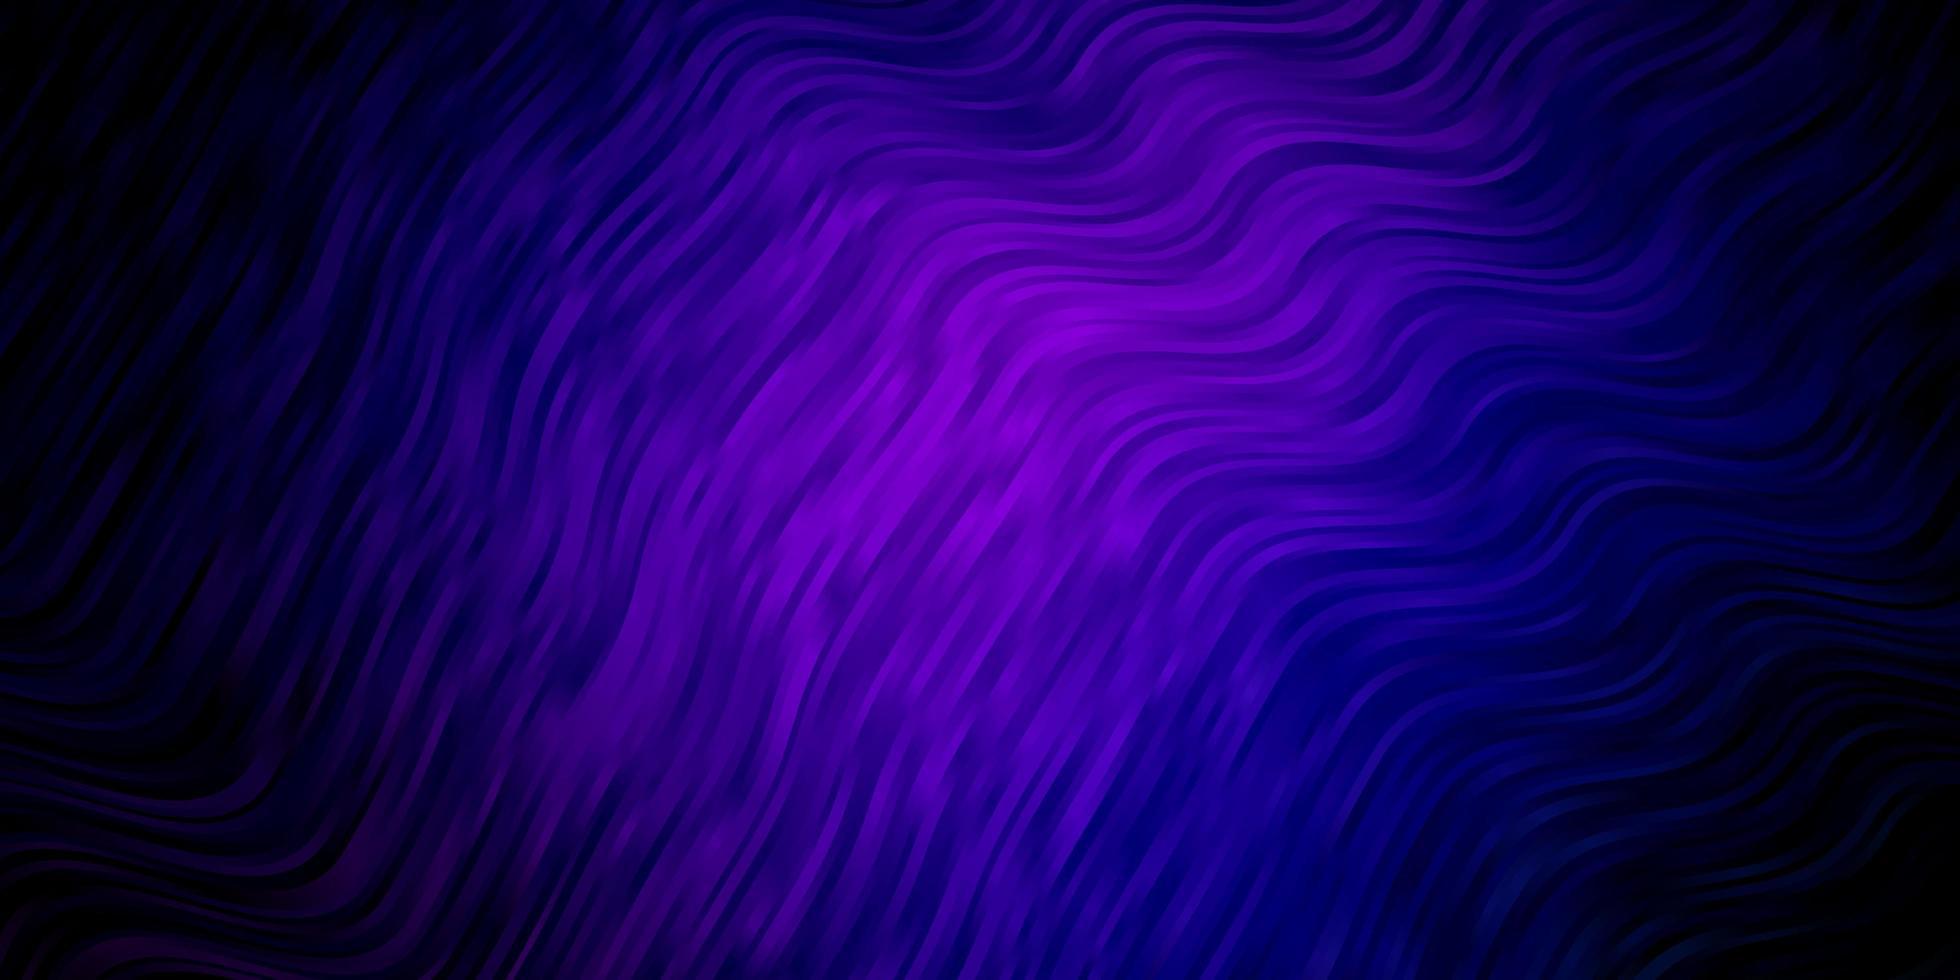 modèle vectoriel rose foncé, bleu avec des lignes ironiques.